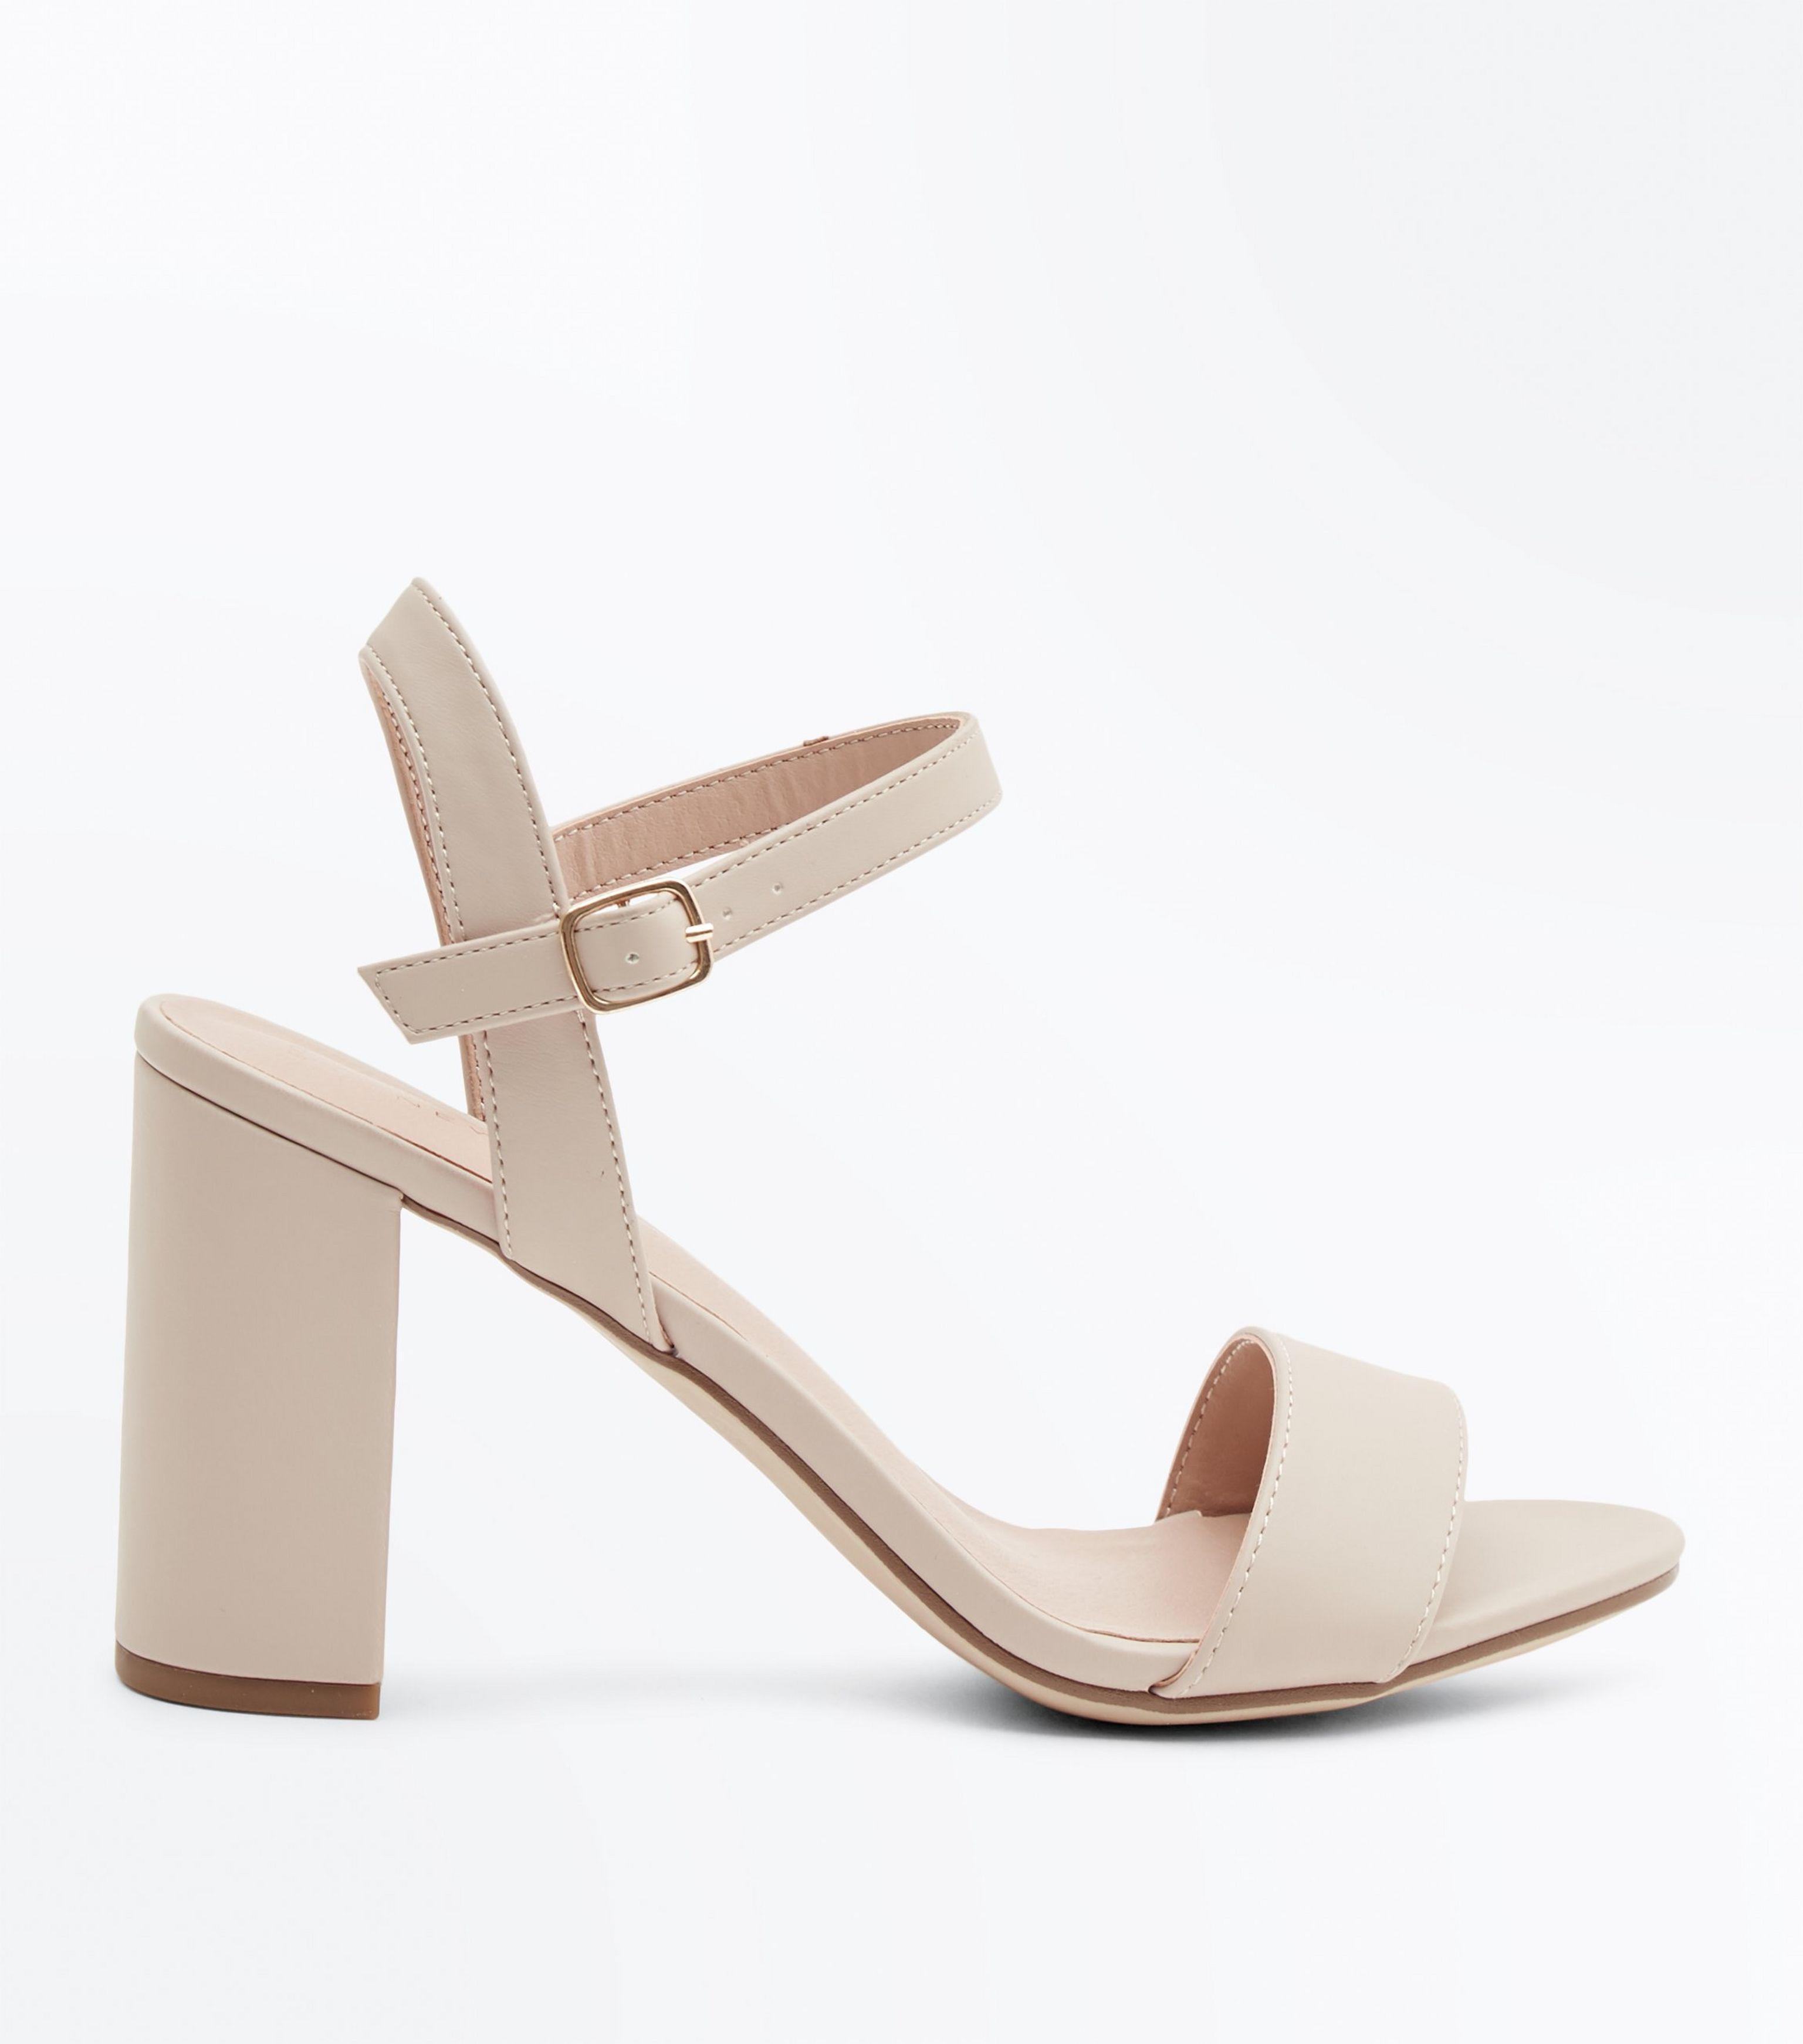 Nude Two Part Block Heel Sandals